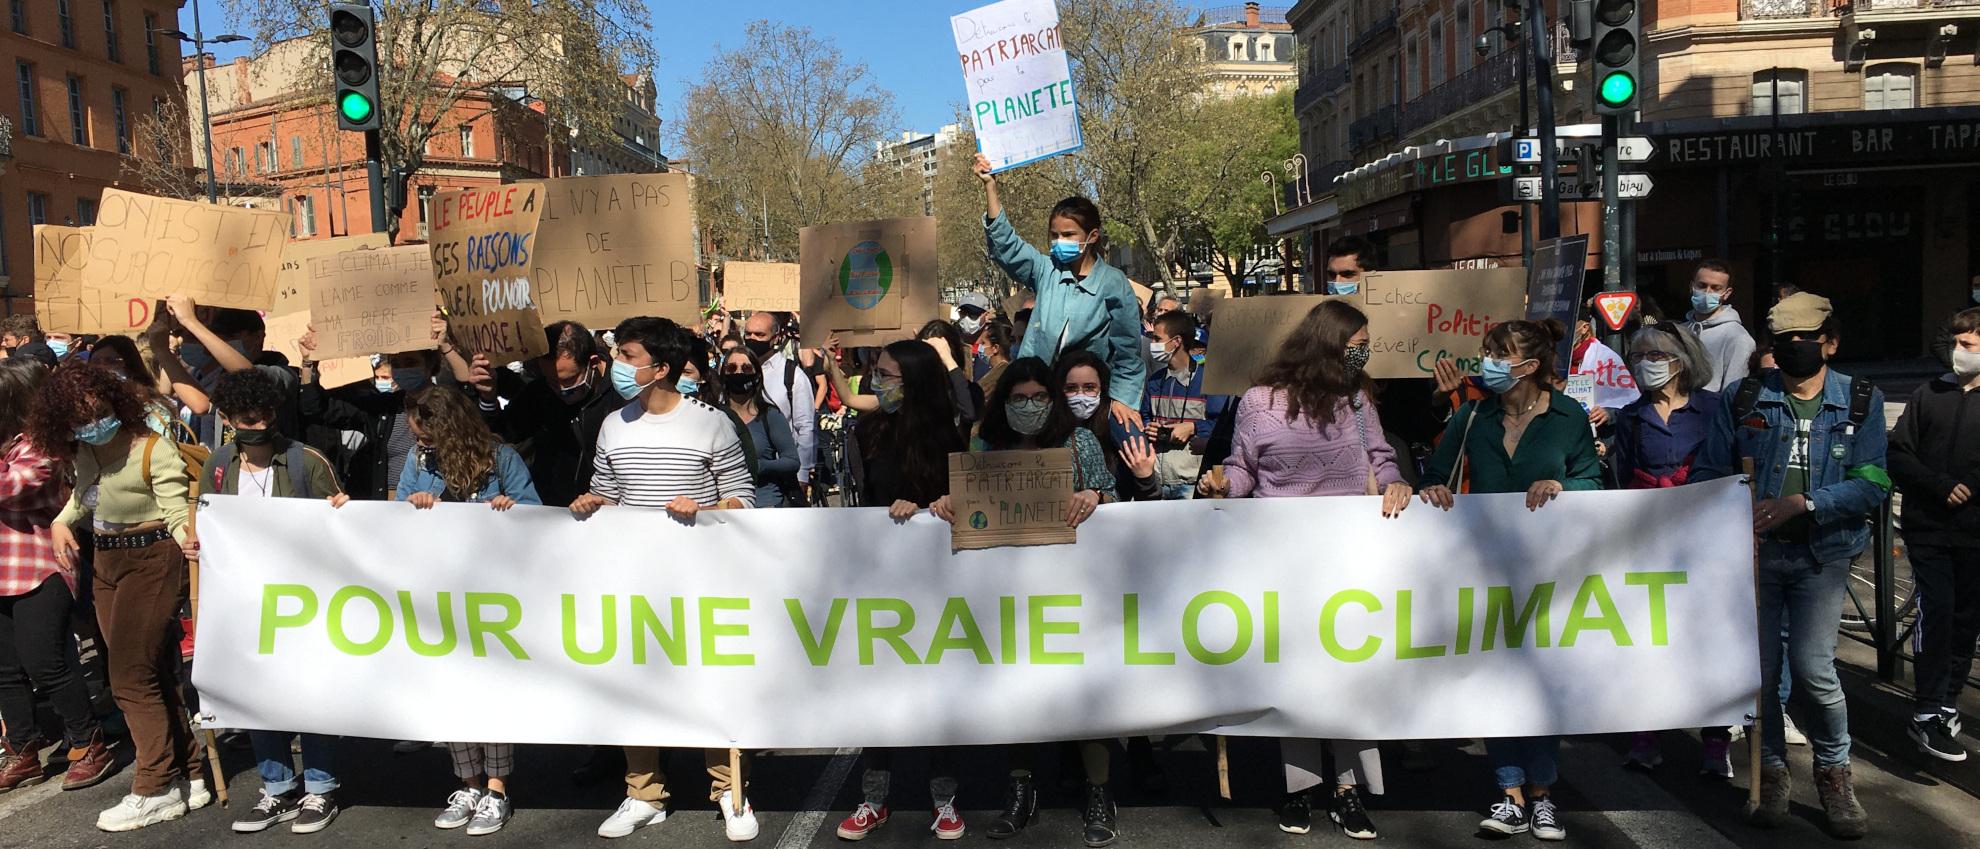 """Photo manif bannière """"Pour une vraie loi Climat"""""""